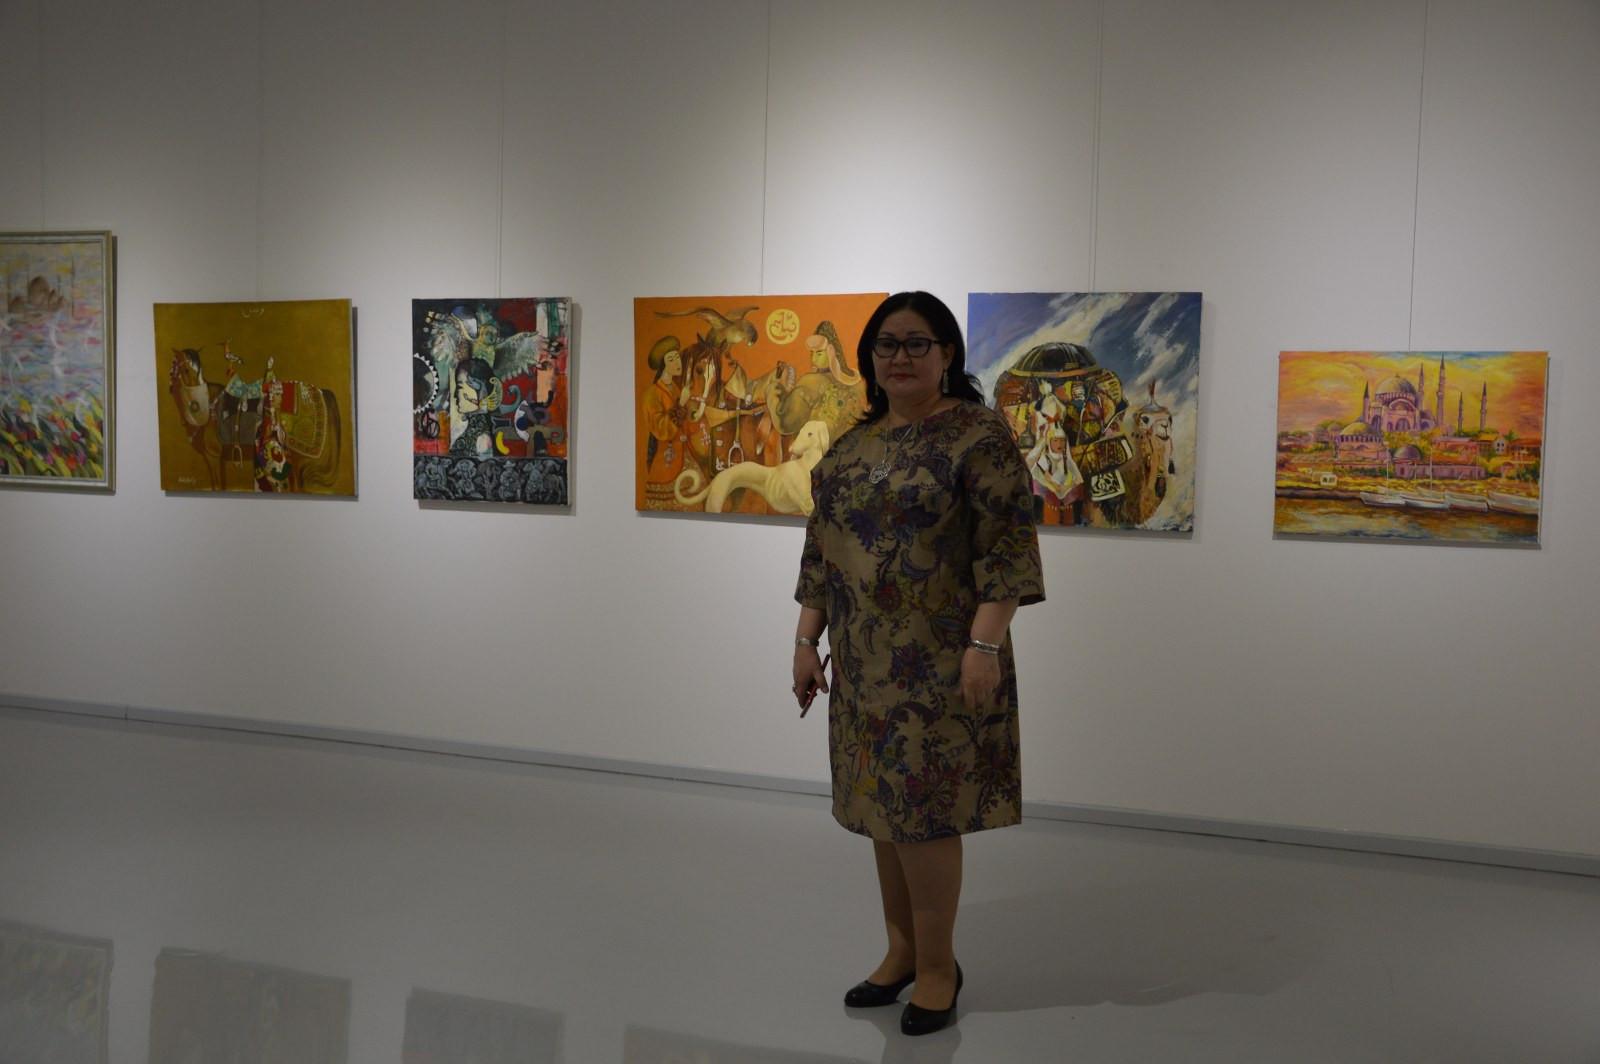 Türk Dünyasından Kadın Sanatçılar İstanbul'da Buluştu Galeri - 27. Resim